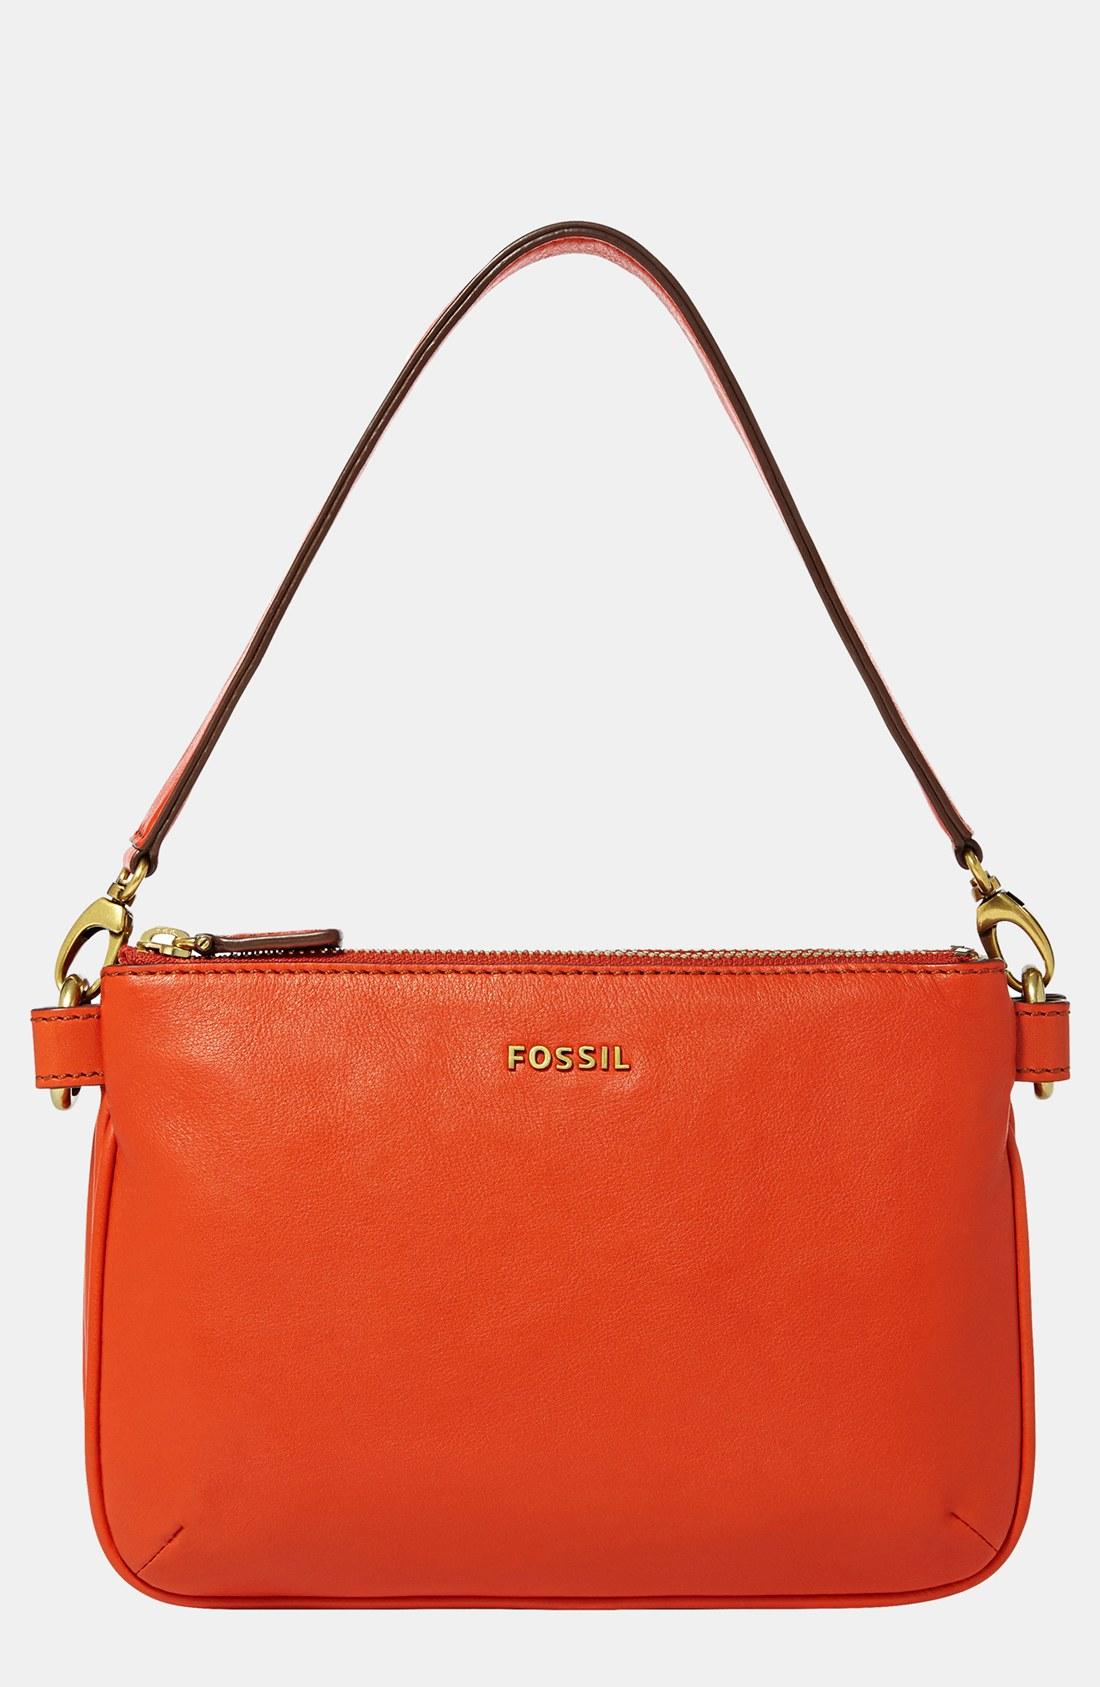 fossil memoir convertible shoulder bag in orange bright